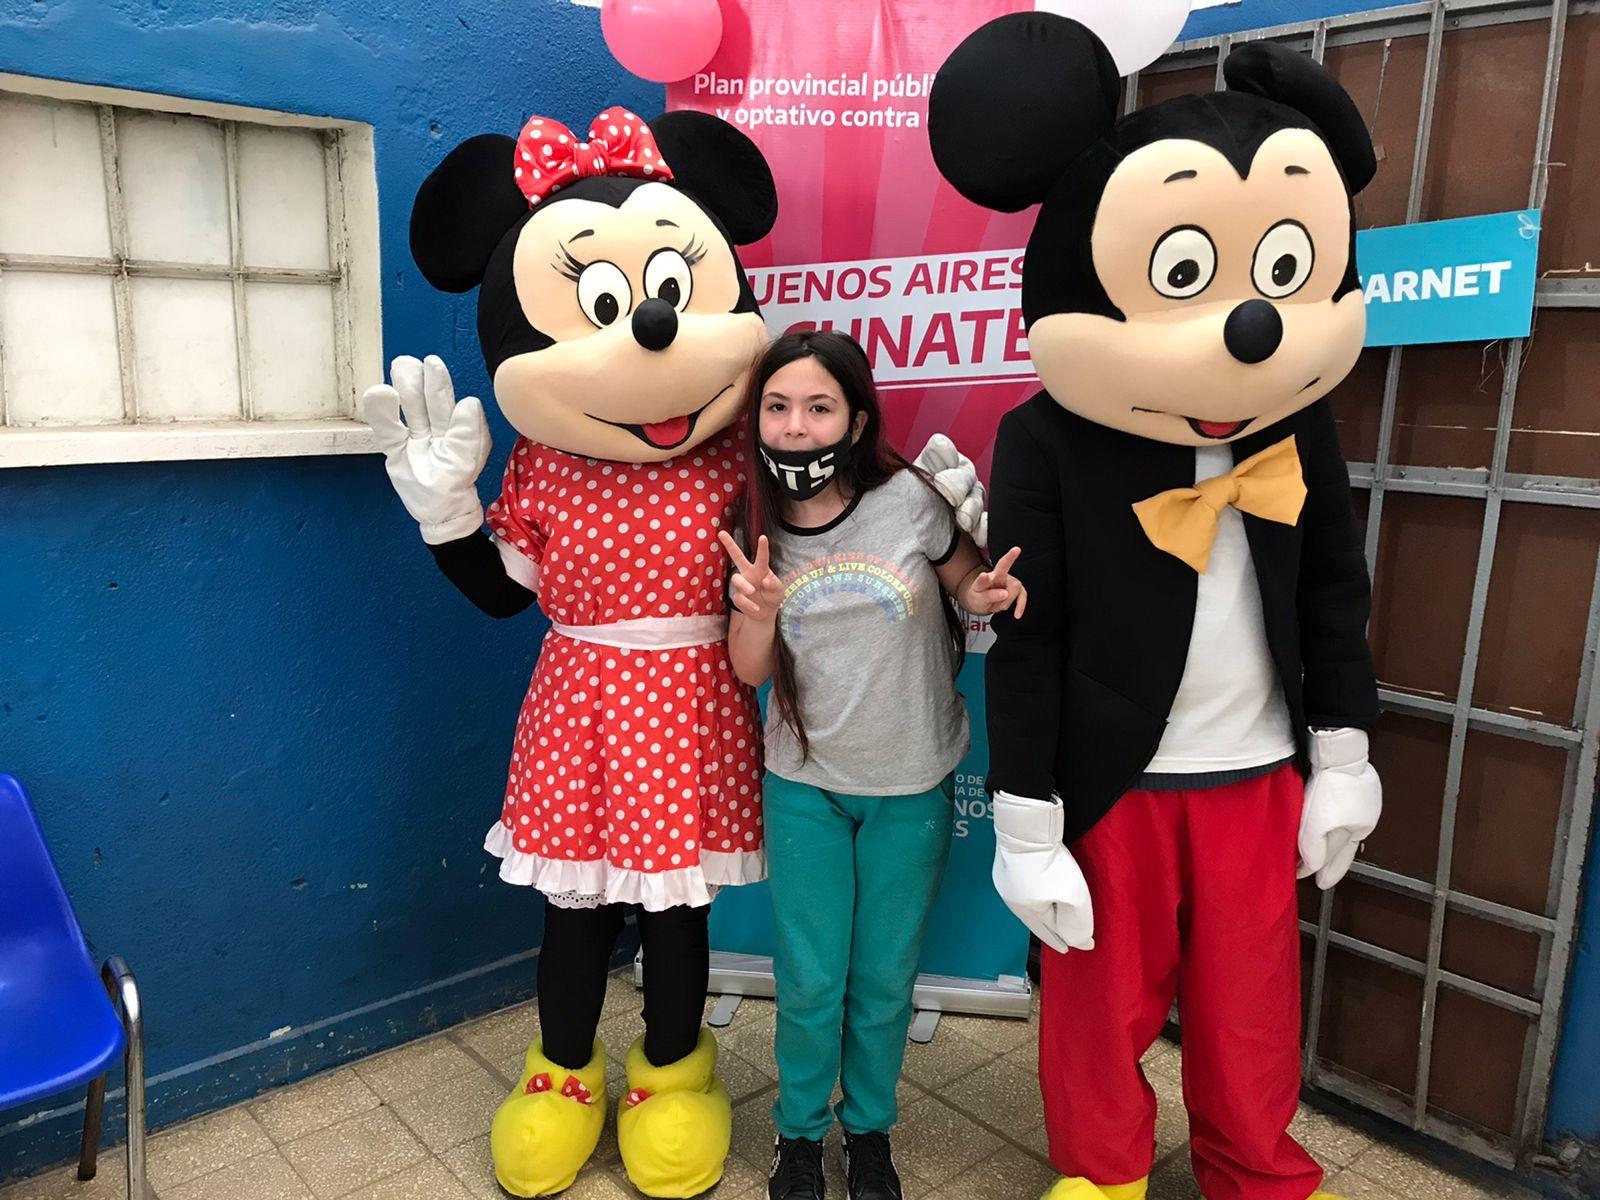 Mickey Mouse junto a otra persona diusfrazada de Minie y la niña que fue inminizada